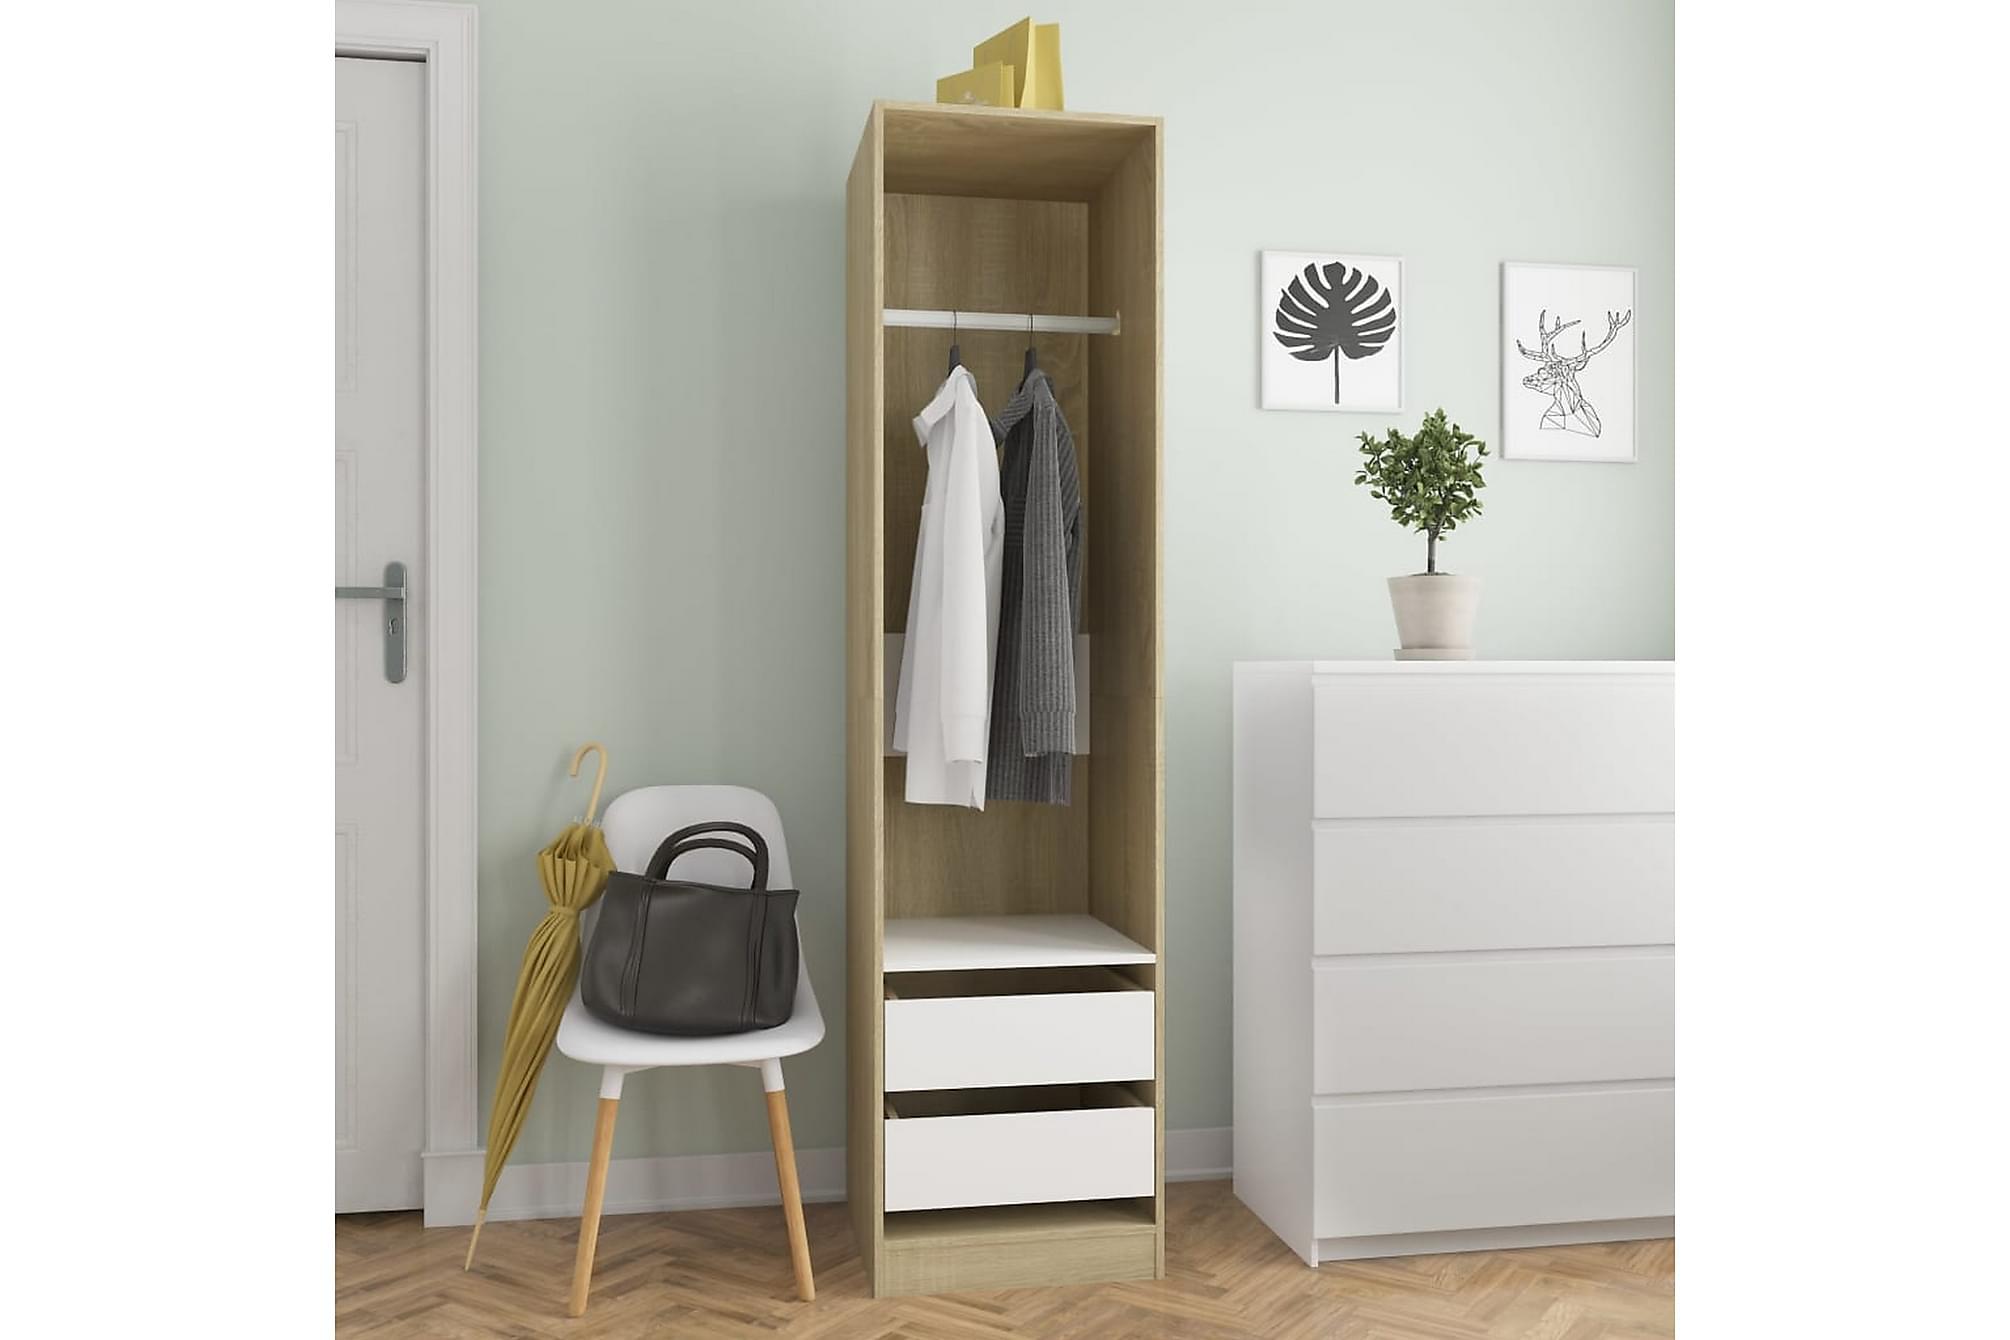 Garderob med lådor vit och sonoma-ek 50x50x200 cm spånskiva